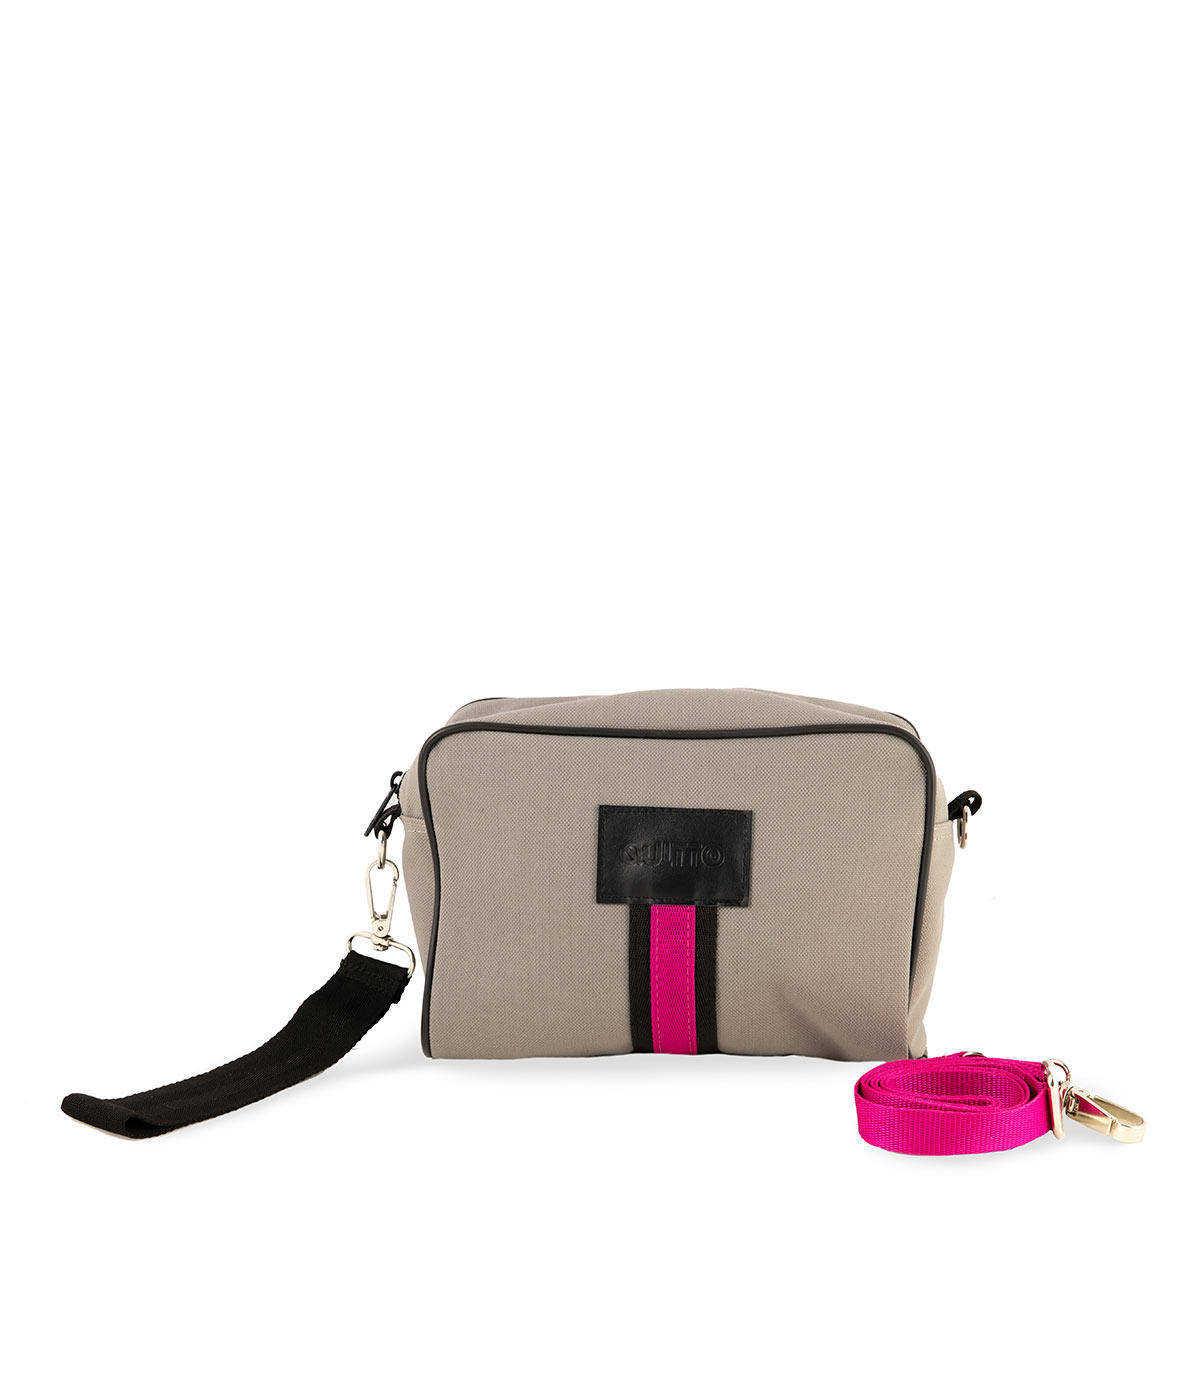 beauty-bag-grigio-chiaro-tessuto-tecnico-impermeabile-fascia-fuxia-fronte